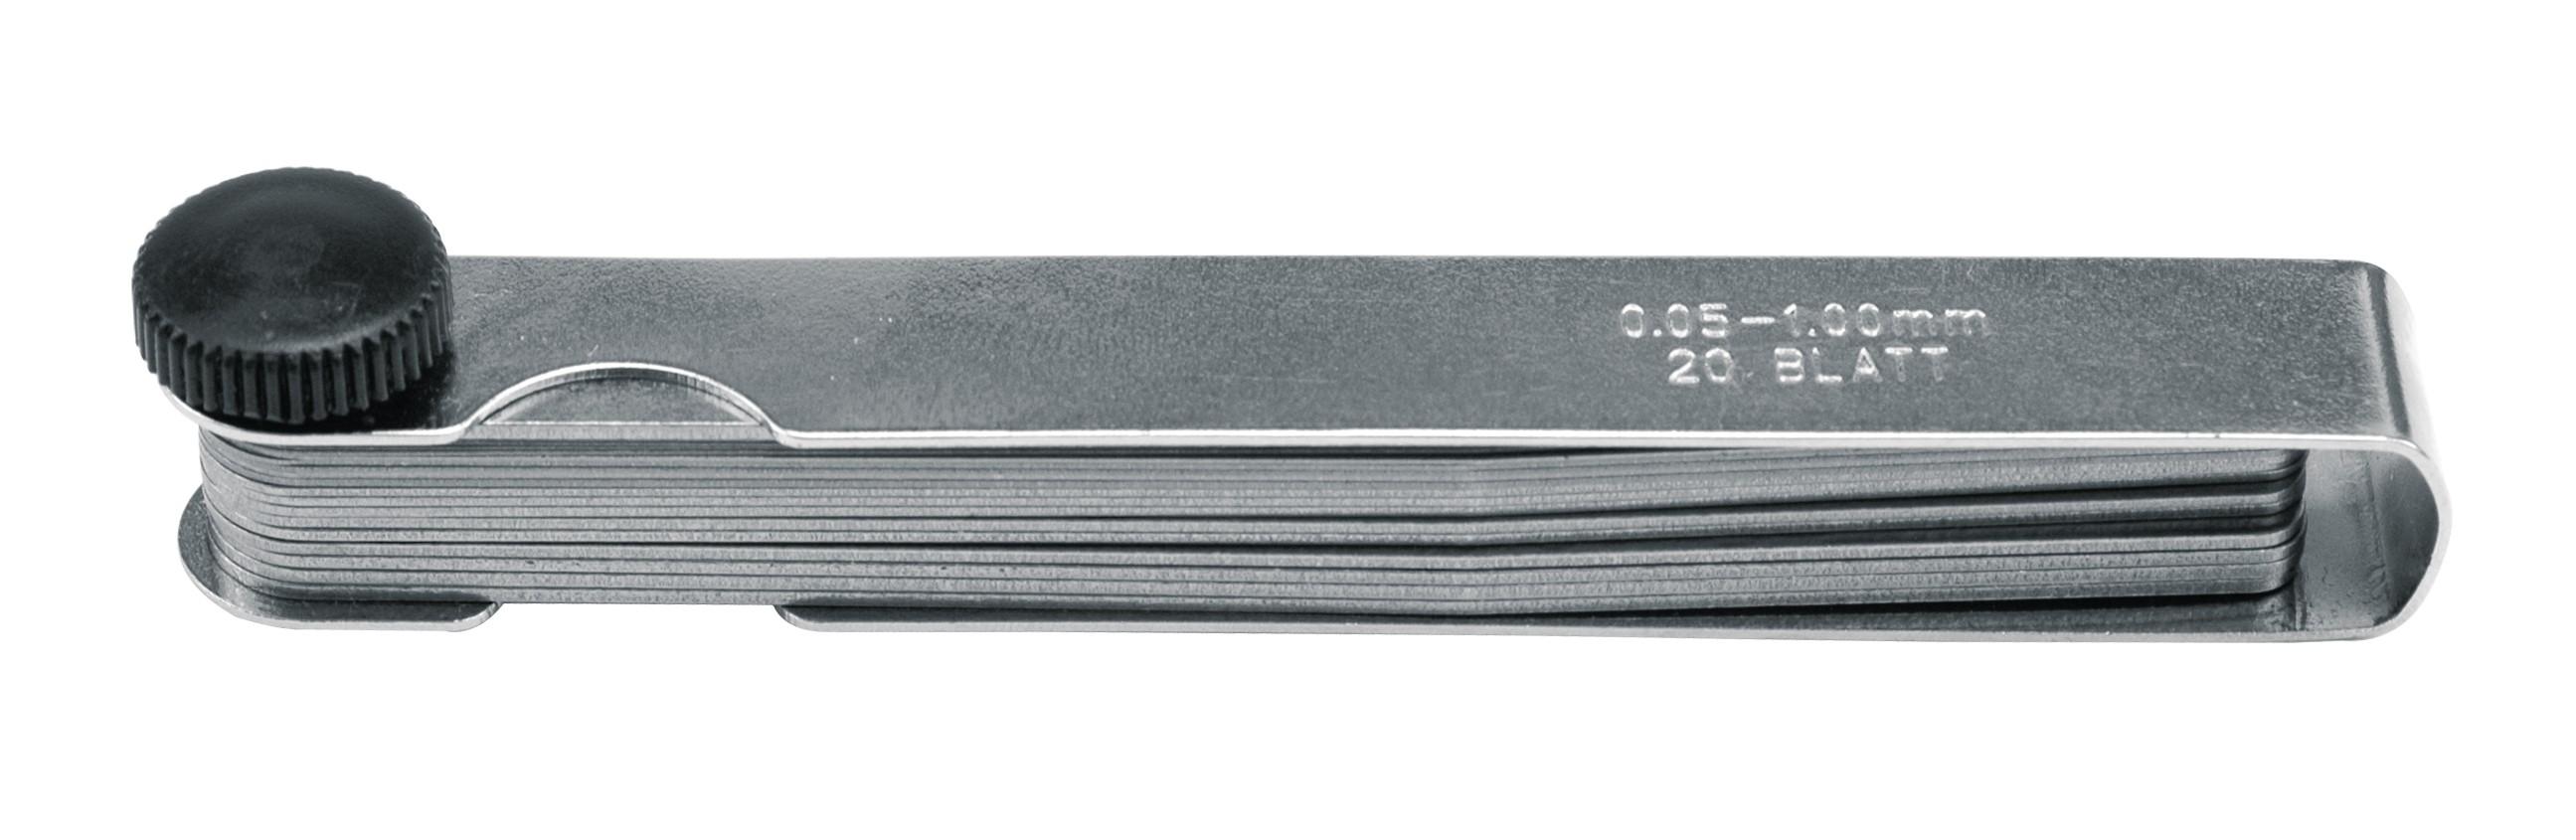 Měrka na spáry 0,05 - 1,00 mm 20 ks